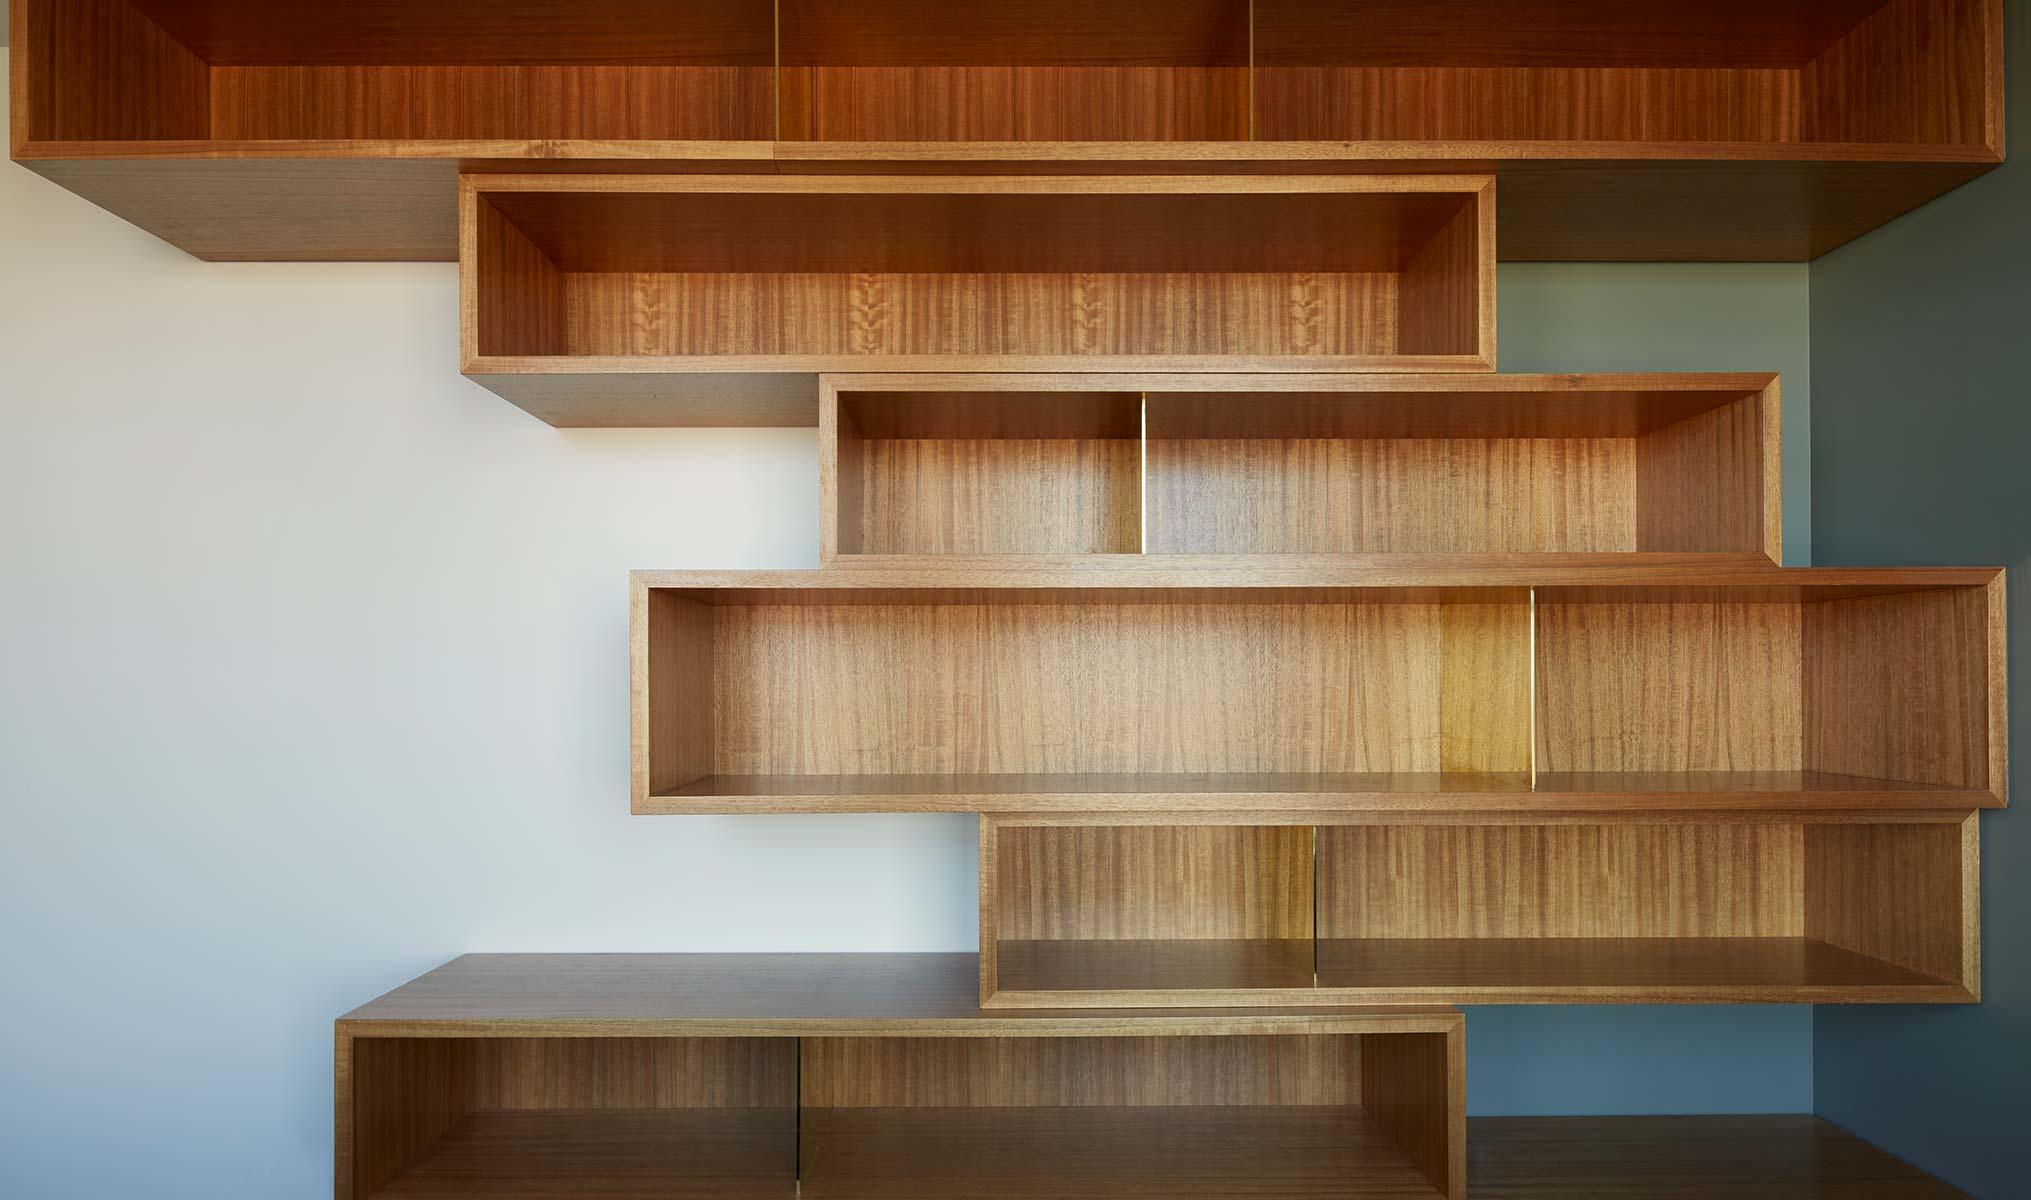 Jaklitsch Gardner Architects 09 Mikiko Kikuyama